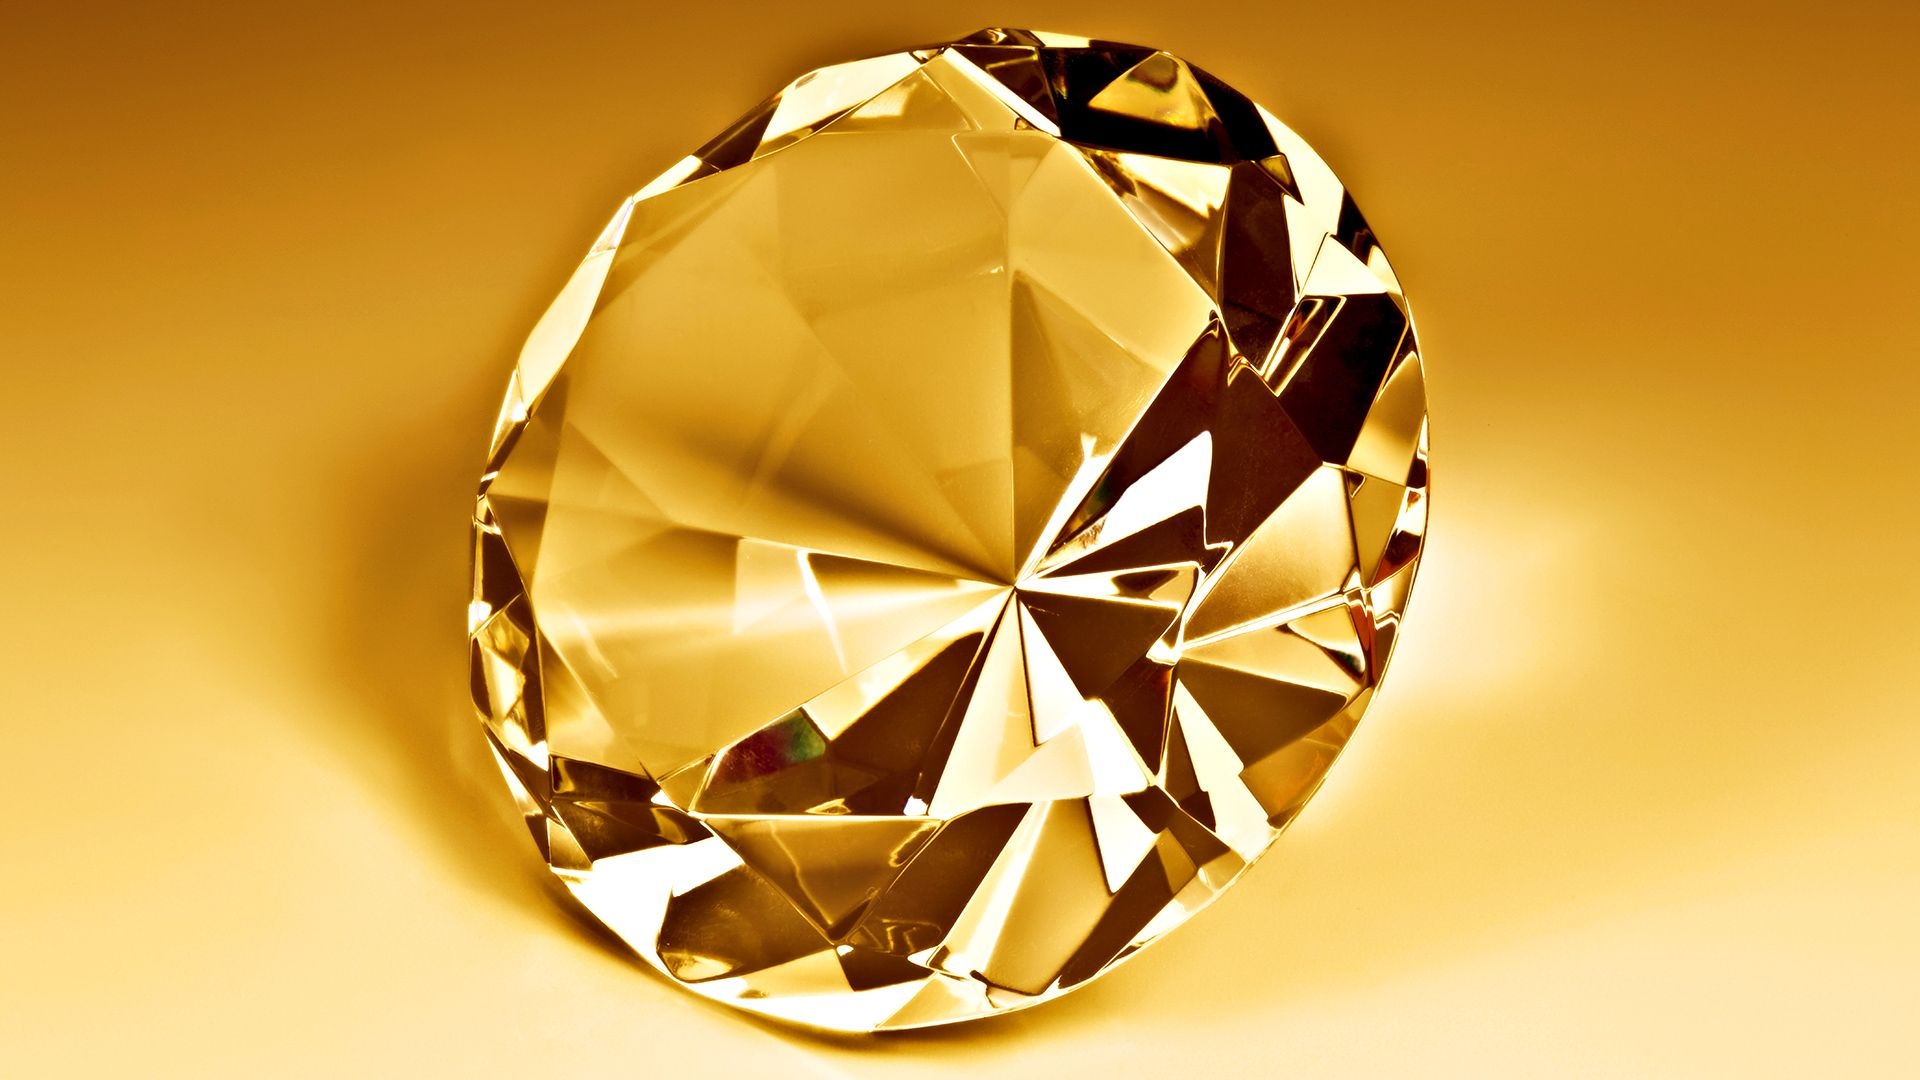 Diamond Hd Wallpaper 1080p 2rlq21 1920x1080 Px 728 49 Kb Other